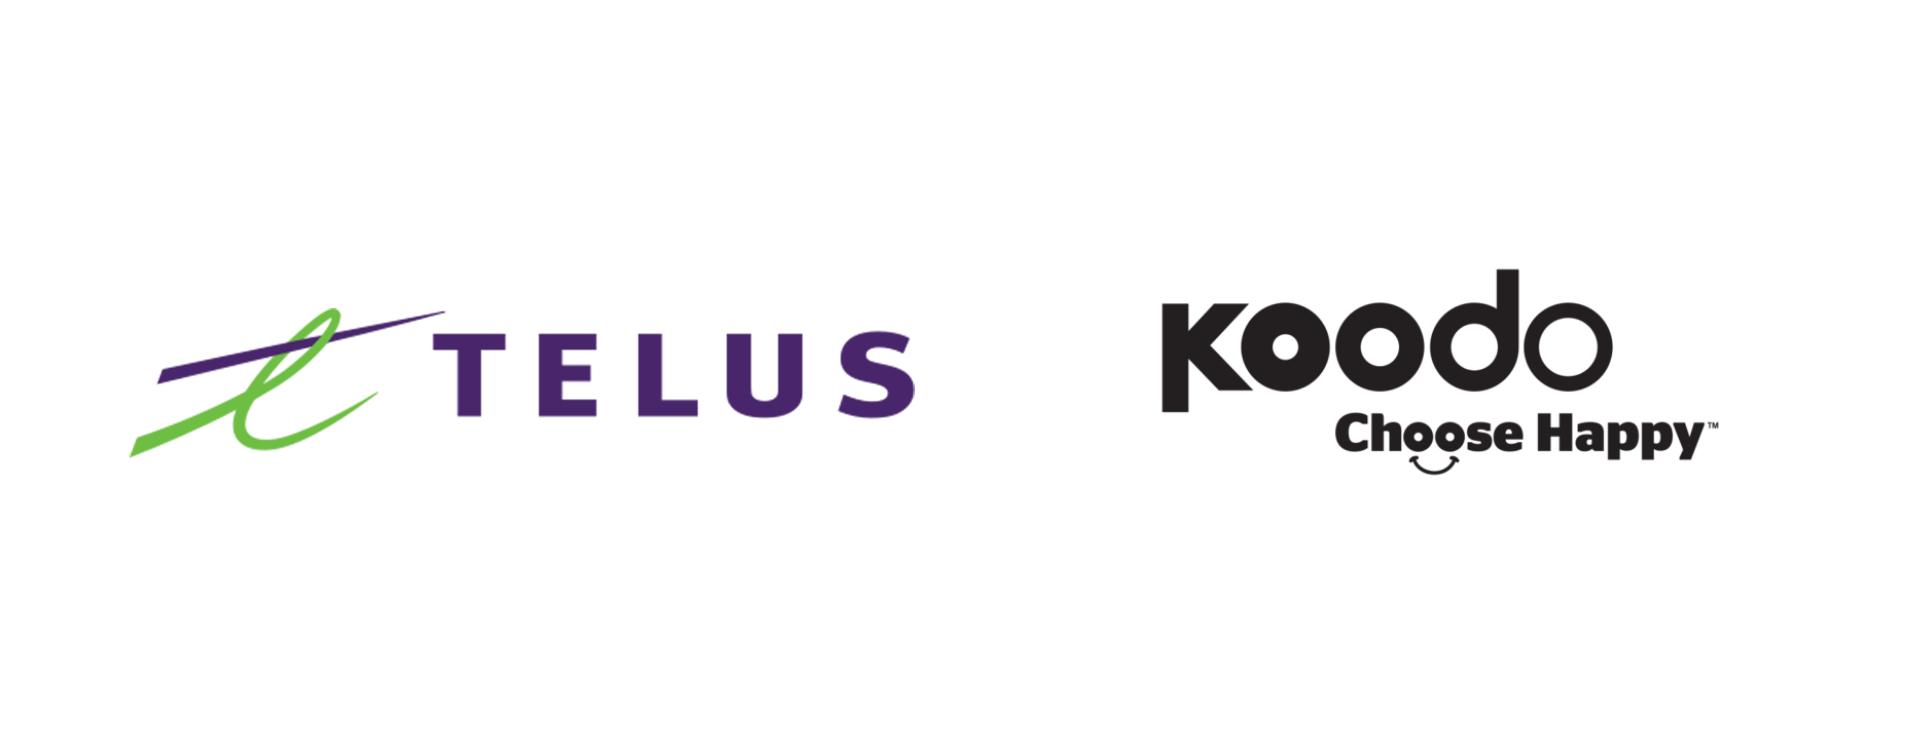 Telus and Koodo Image